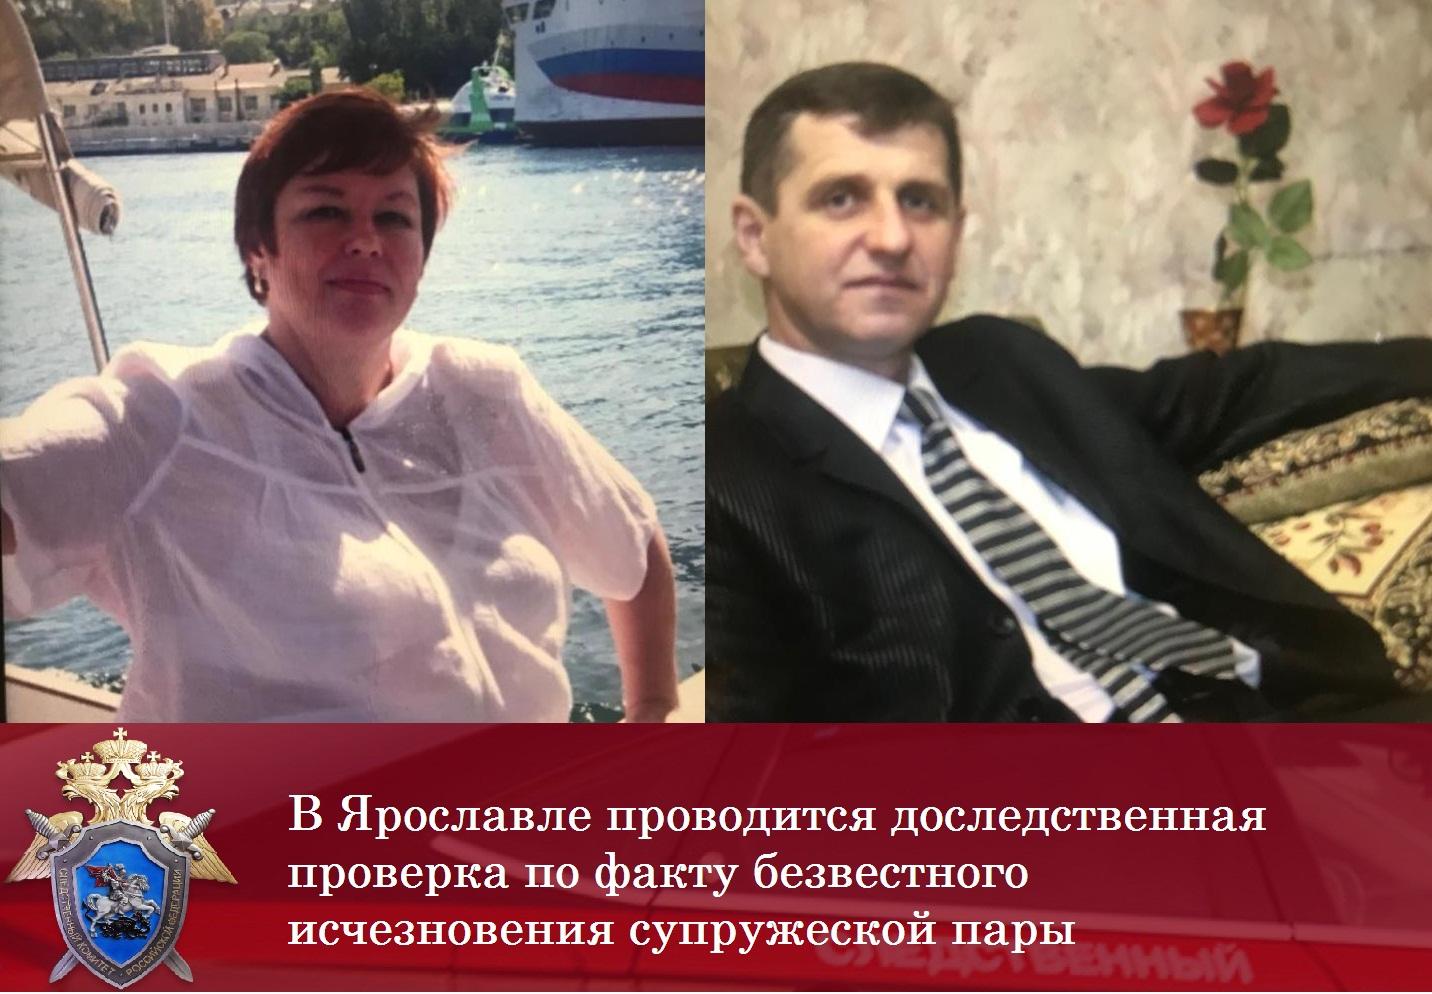 В Ярославской области уже более 10 дней ищут пропавшую супружескую пару